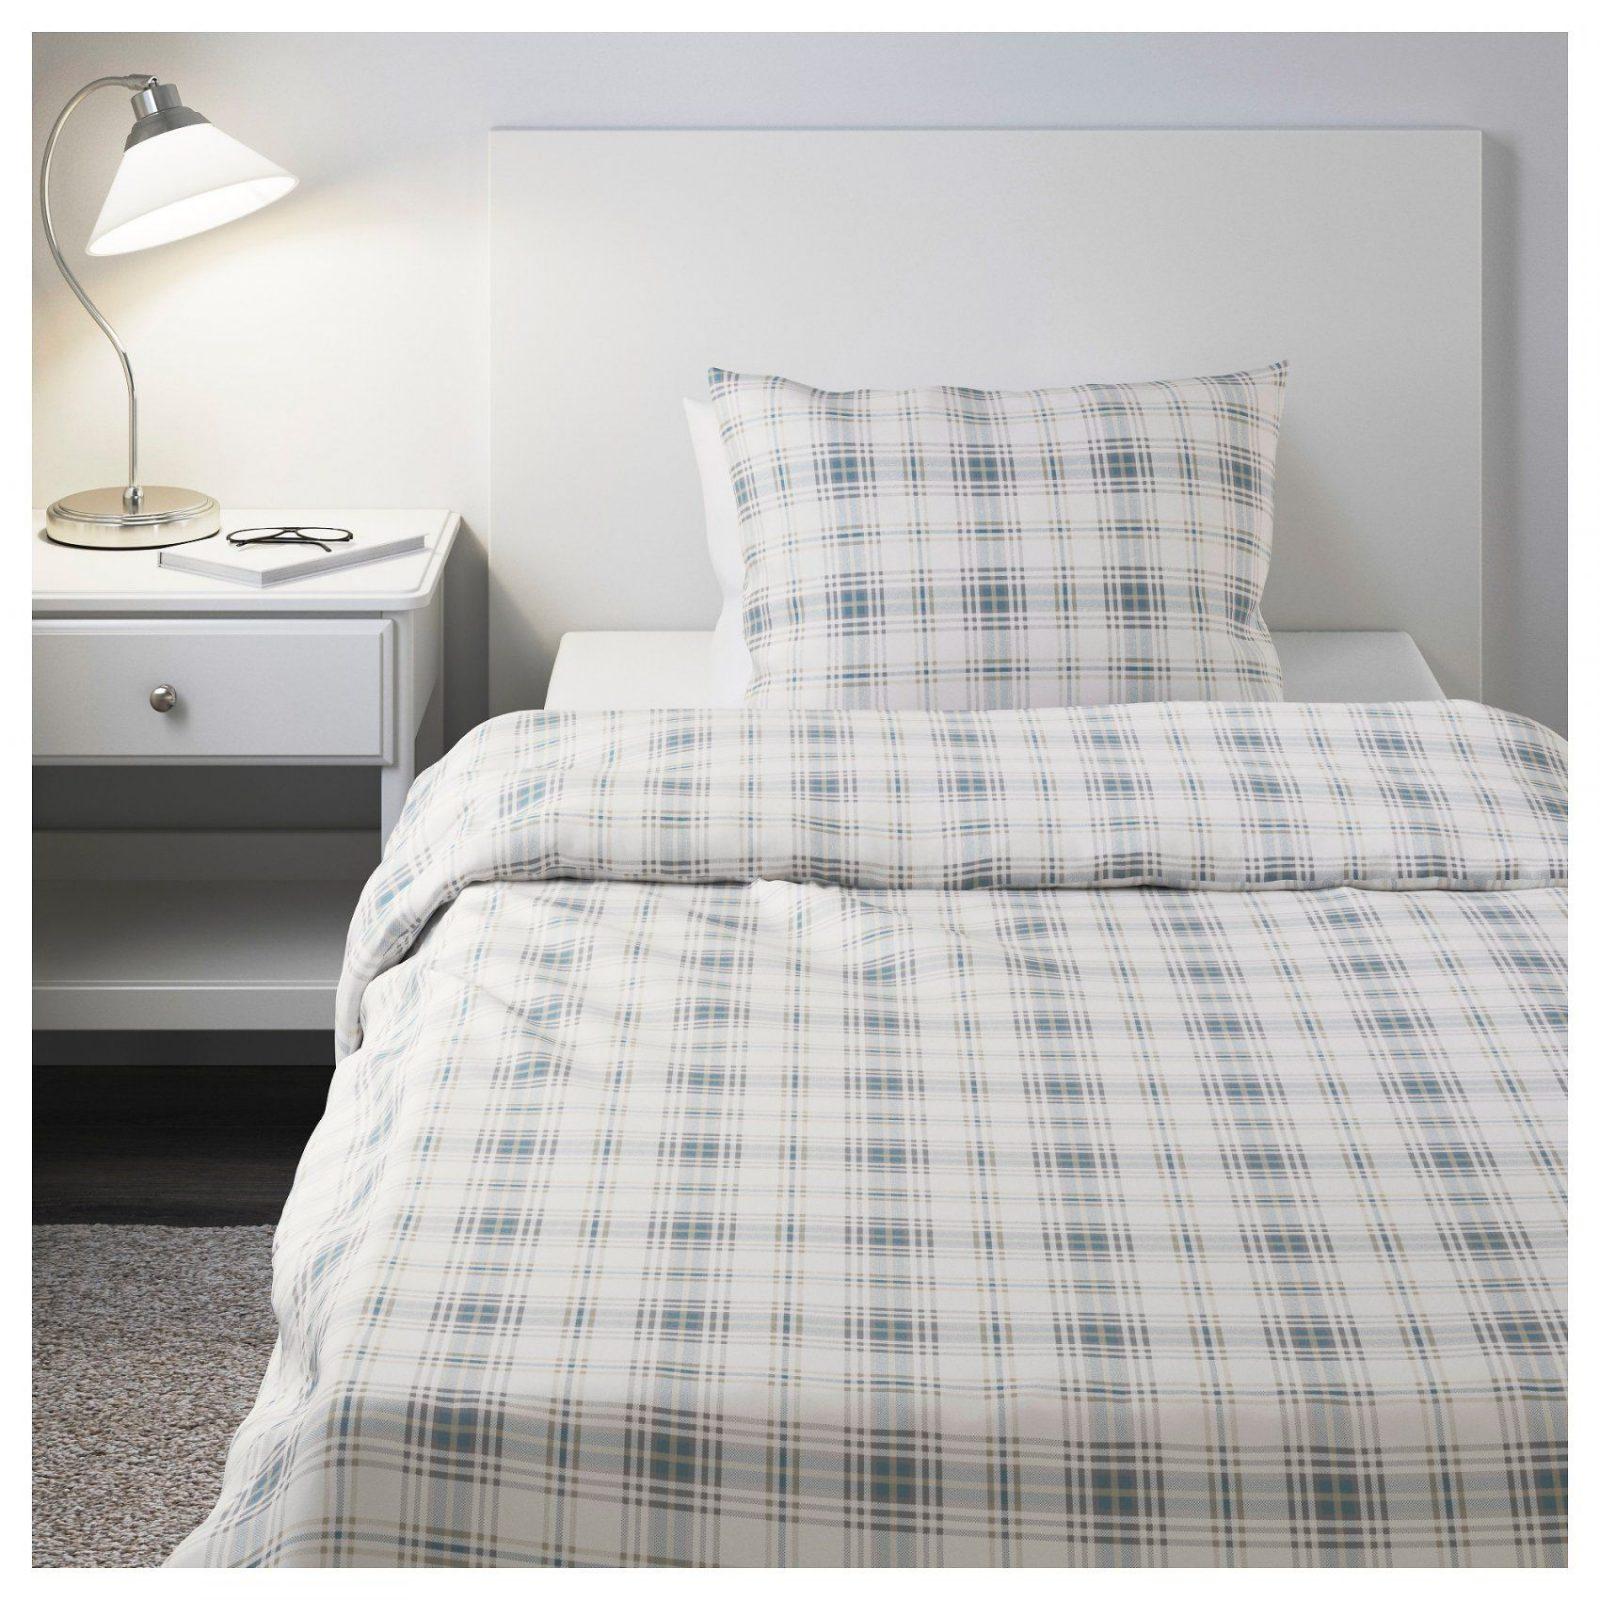 ikea bettw sche biber 3 kammer kopfkissen 80x80 amerikanische bettdecken kaufen kleiderschr nke. Black Bedroom Furniture Sets. Home Design Ideas